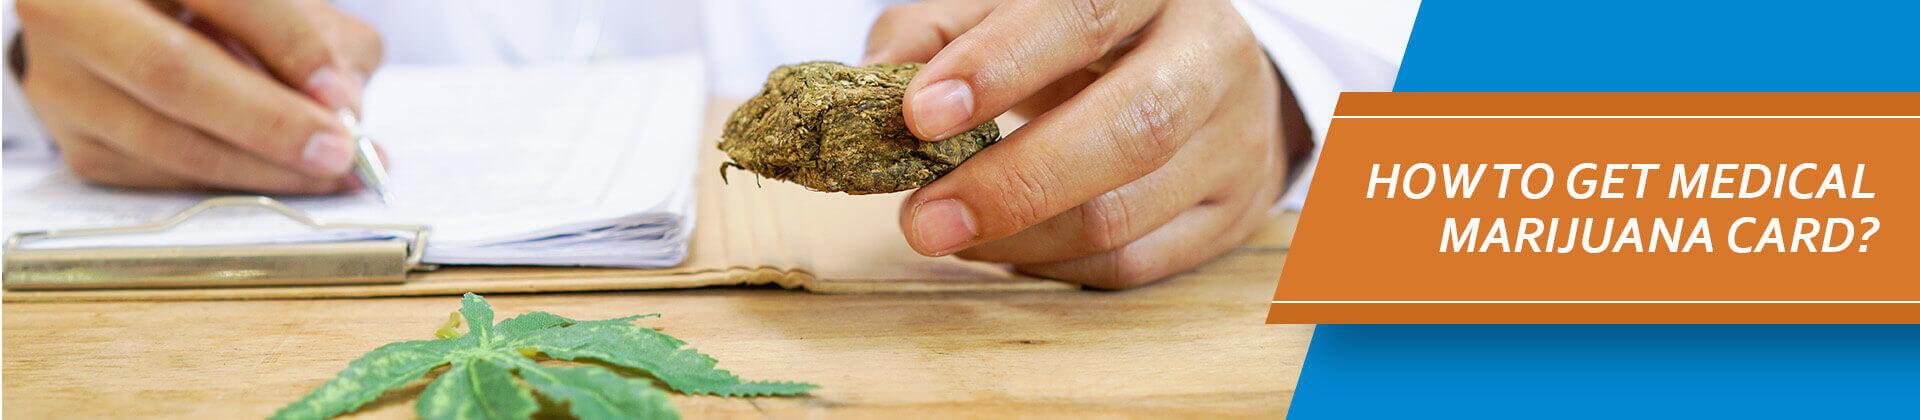 How to Get Medical Marijuana Card